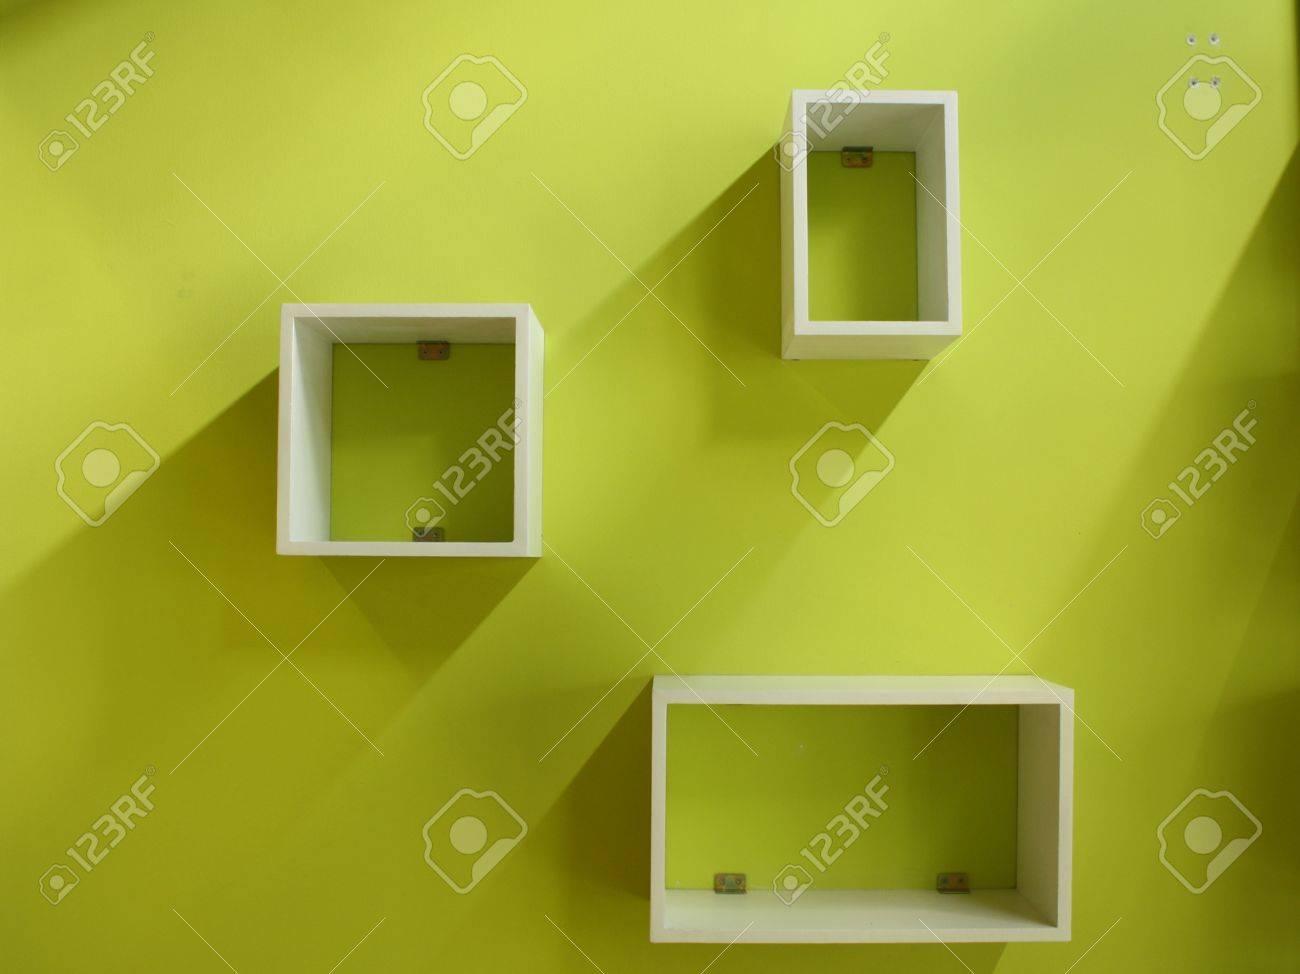 Vit hylla på en grön vägg royalty fria stockfoton, bilder ...